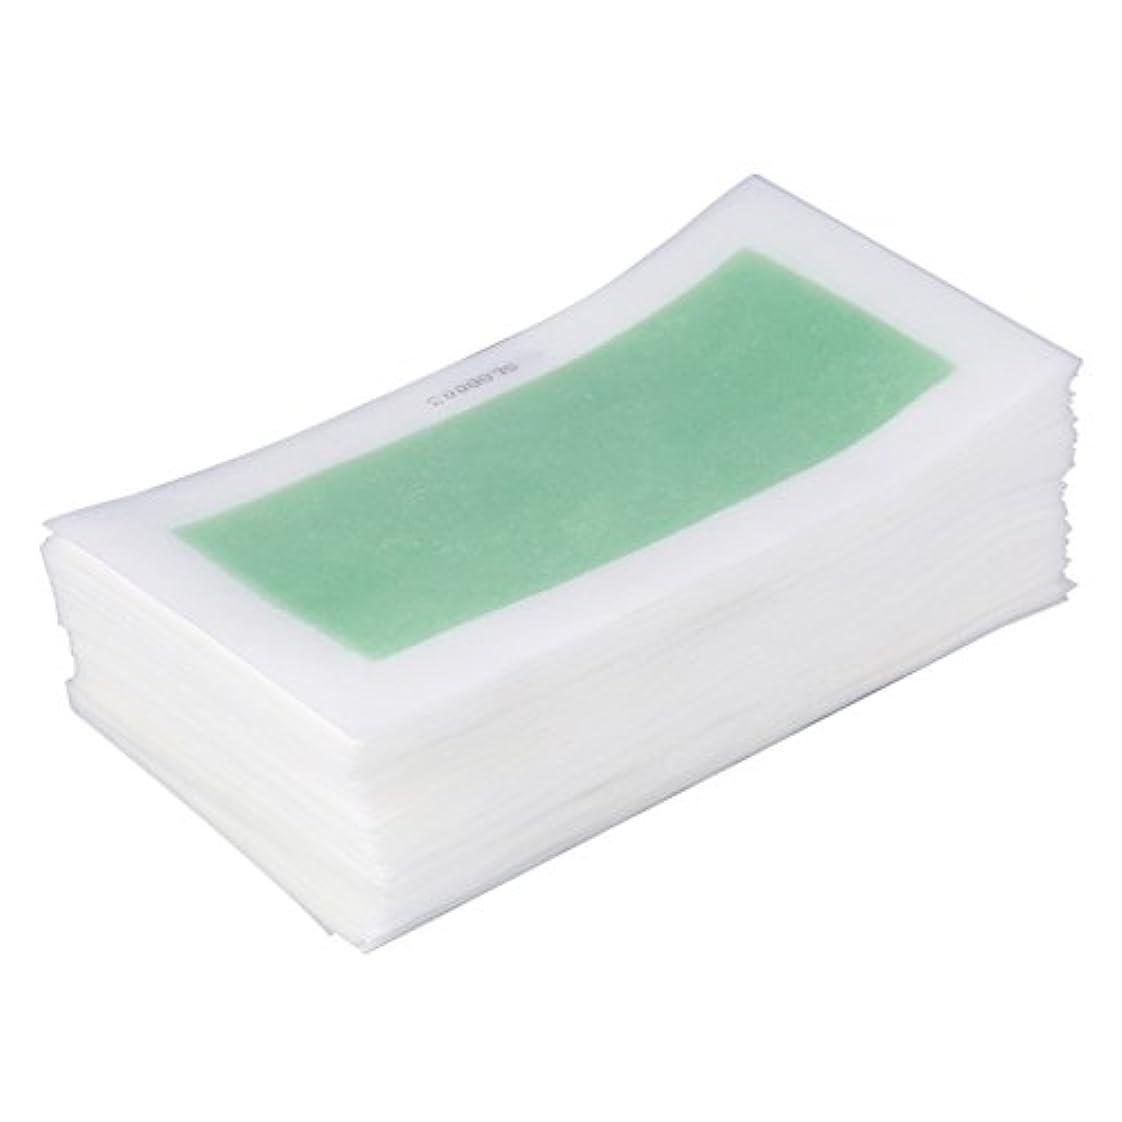 アリスタバコランプEboxer  脱毛ワックス紙 10個セット入 有効的 美容 使用便利 使い捨て 男女兼用 両面シート脱毛シート